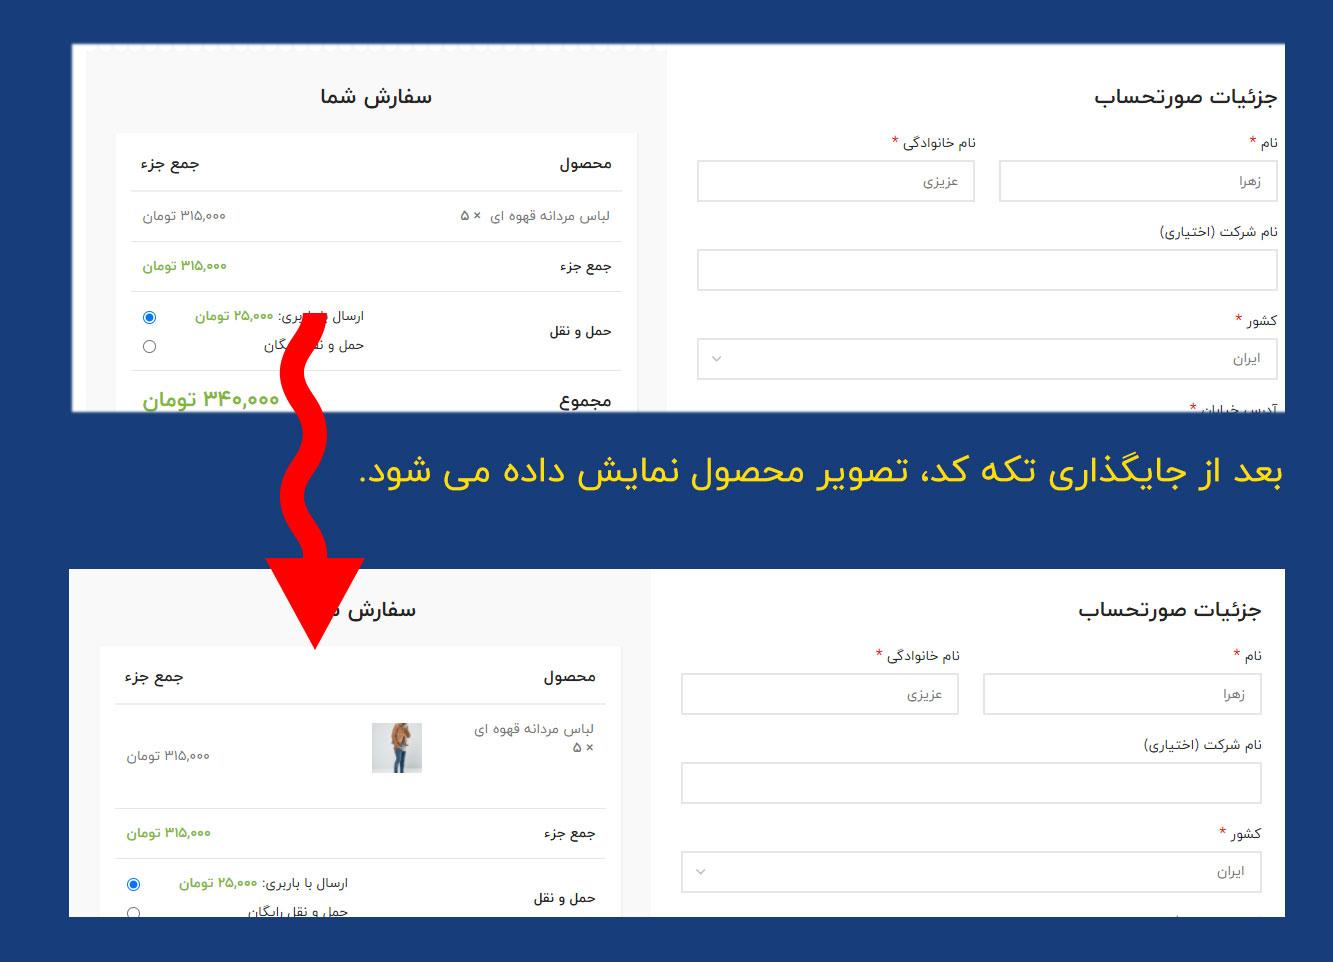 نمایش محصول در صفحه تسویه حساب